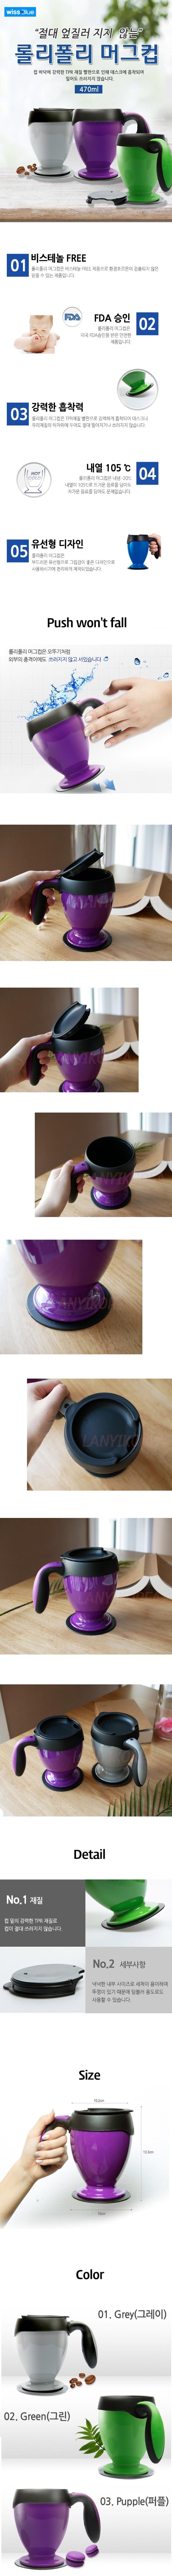 머그컵 쓰러지지 않는 머그컵